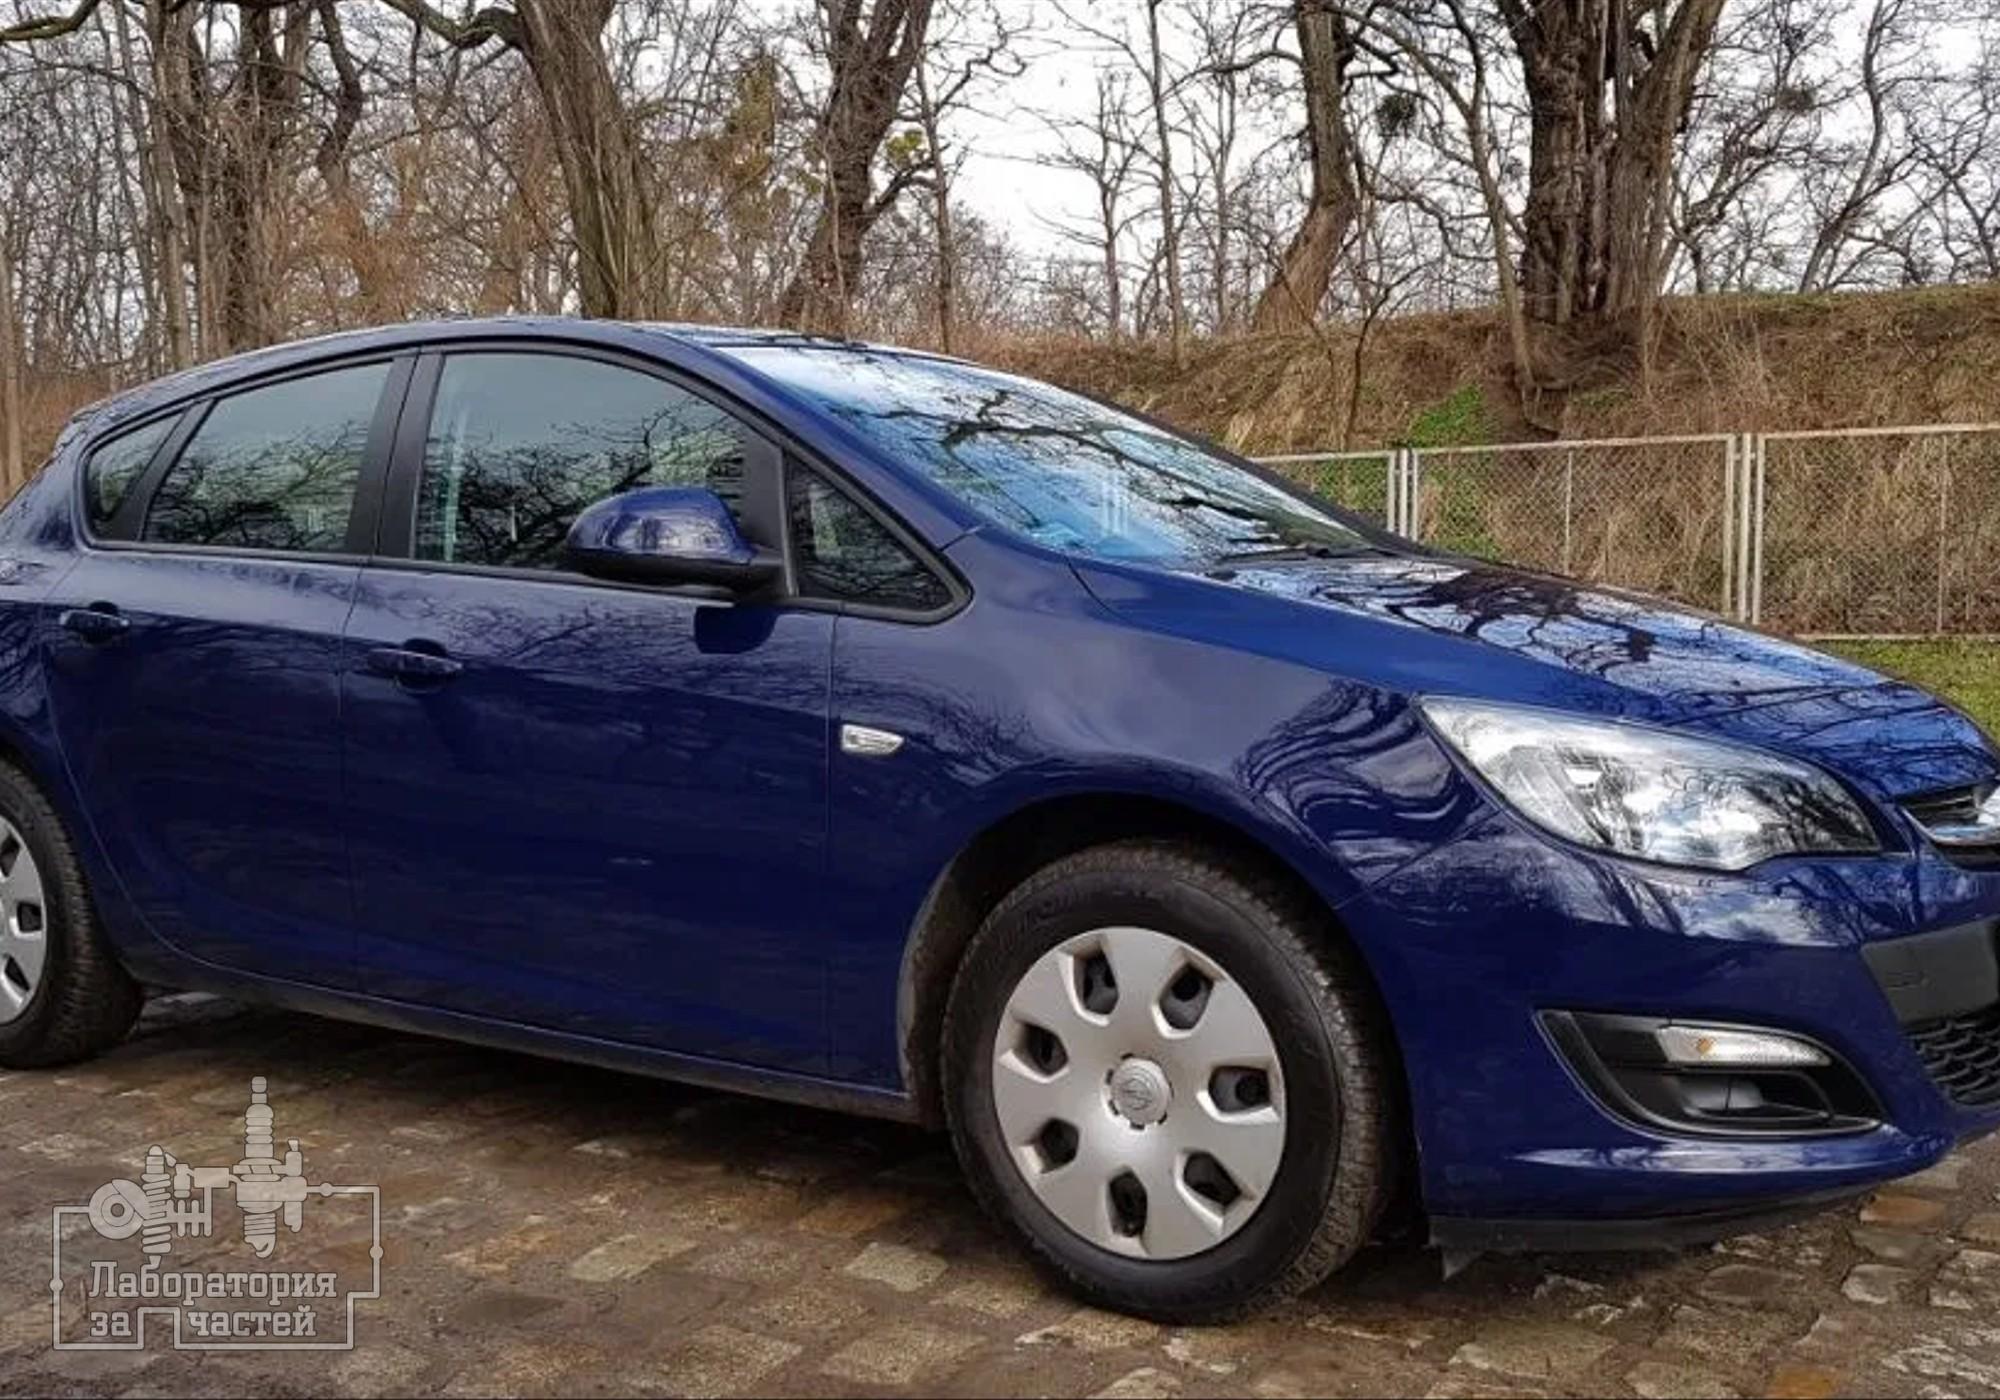 Opel Astra J 2010 г. в разборе